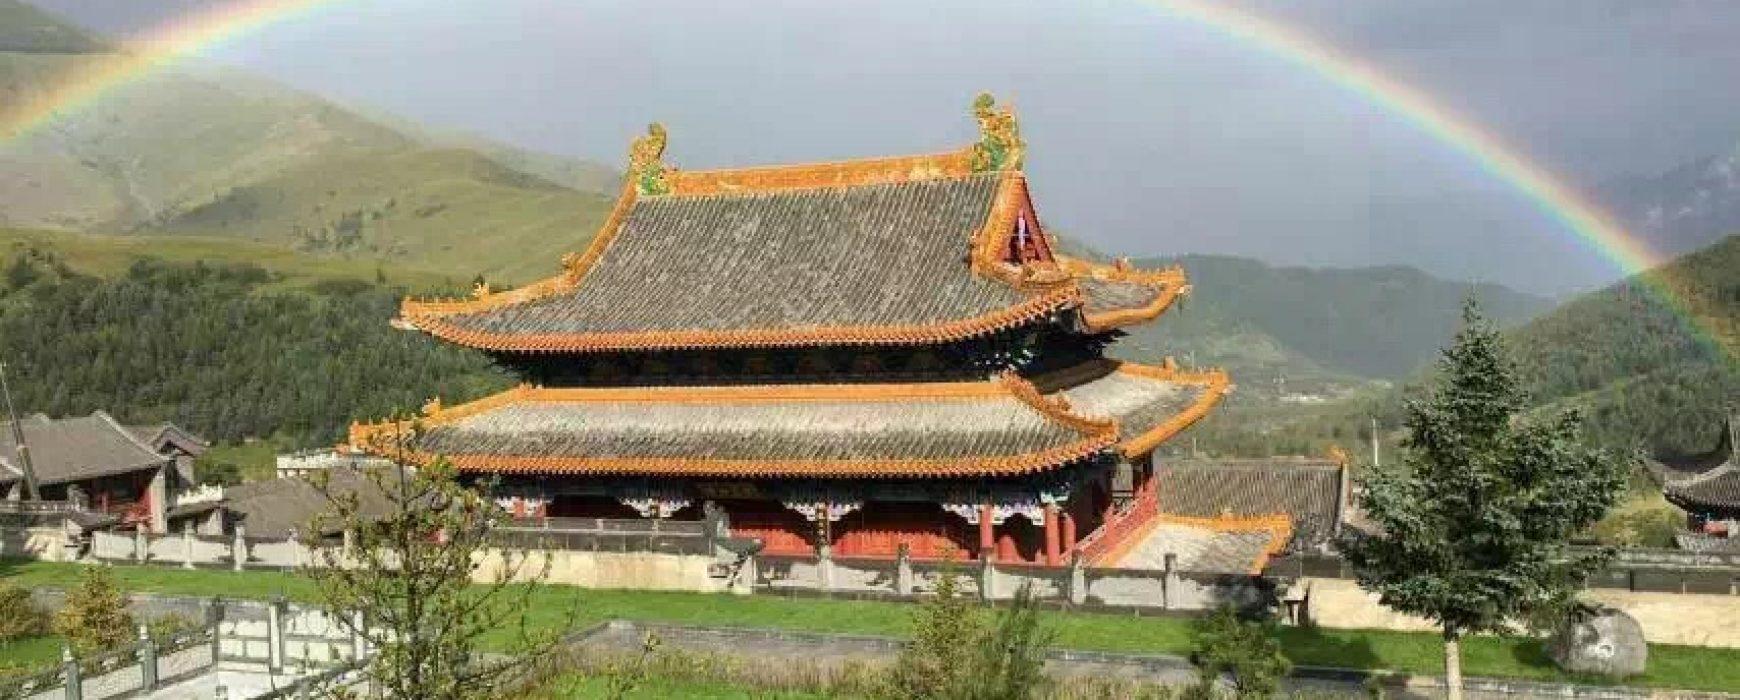 2017年度 佛教與東亞文化國際研修班